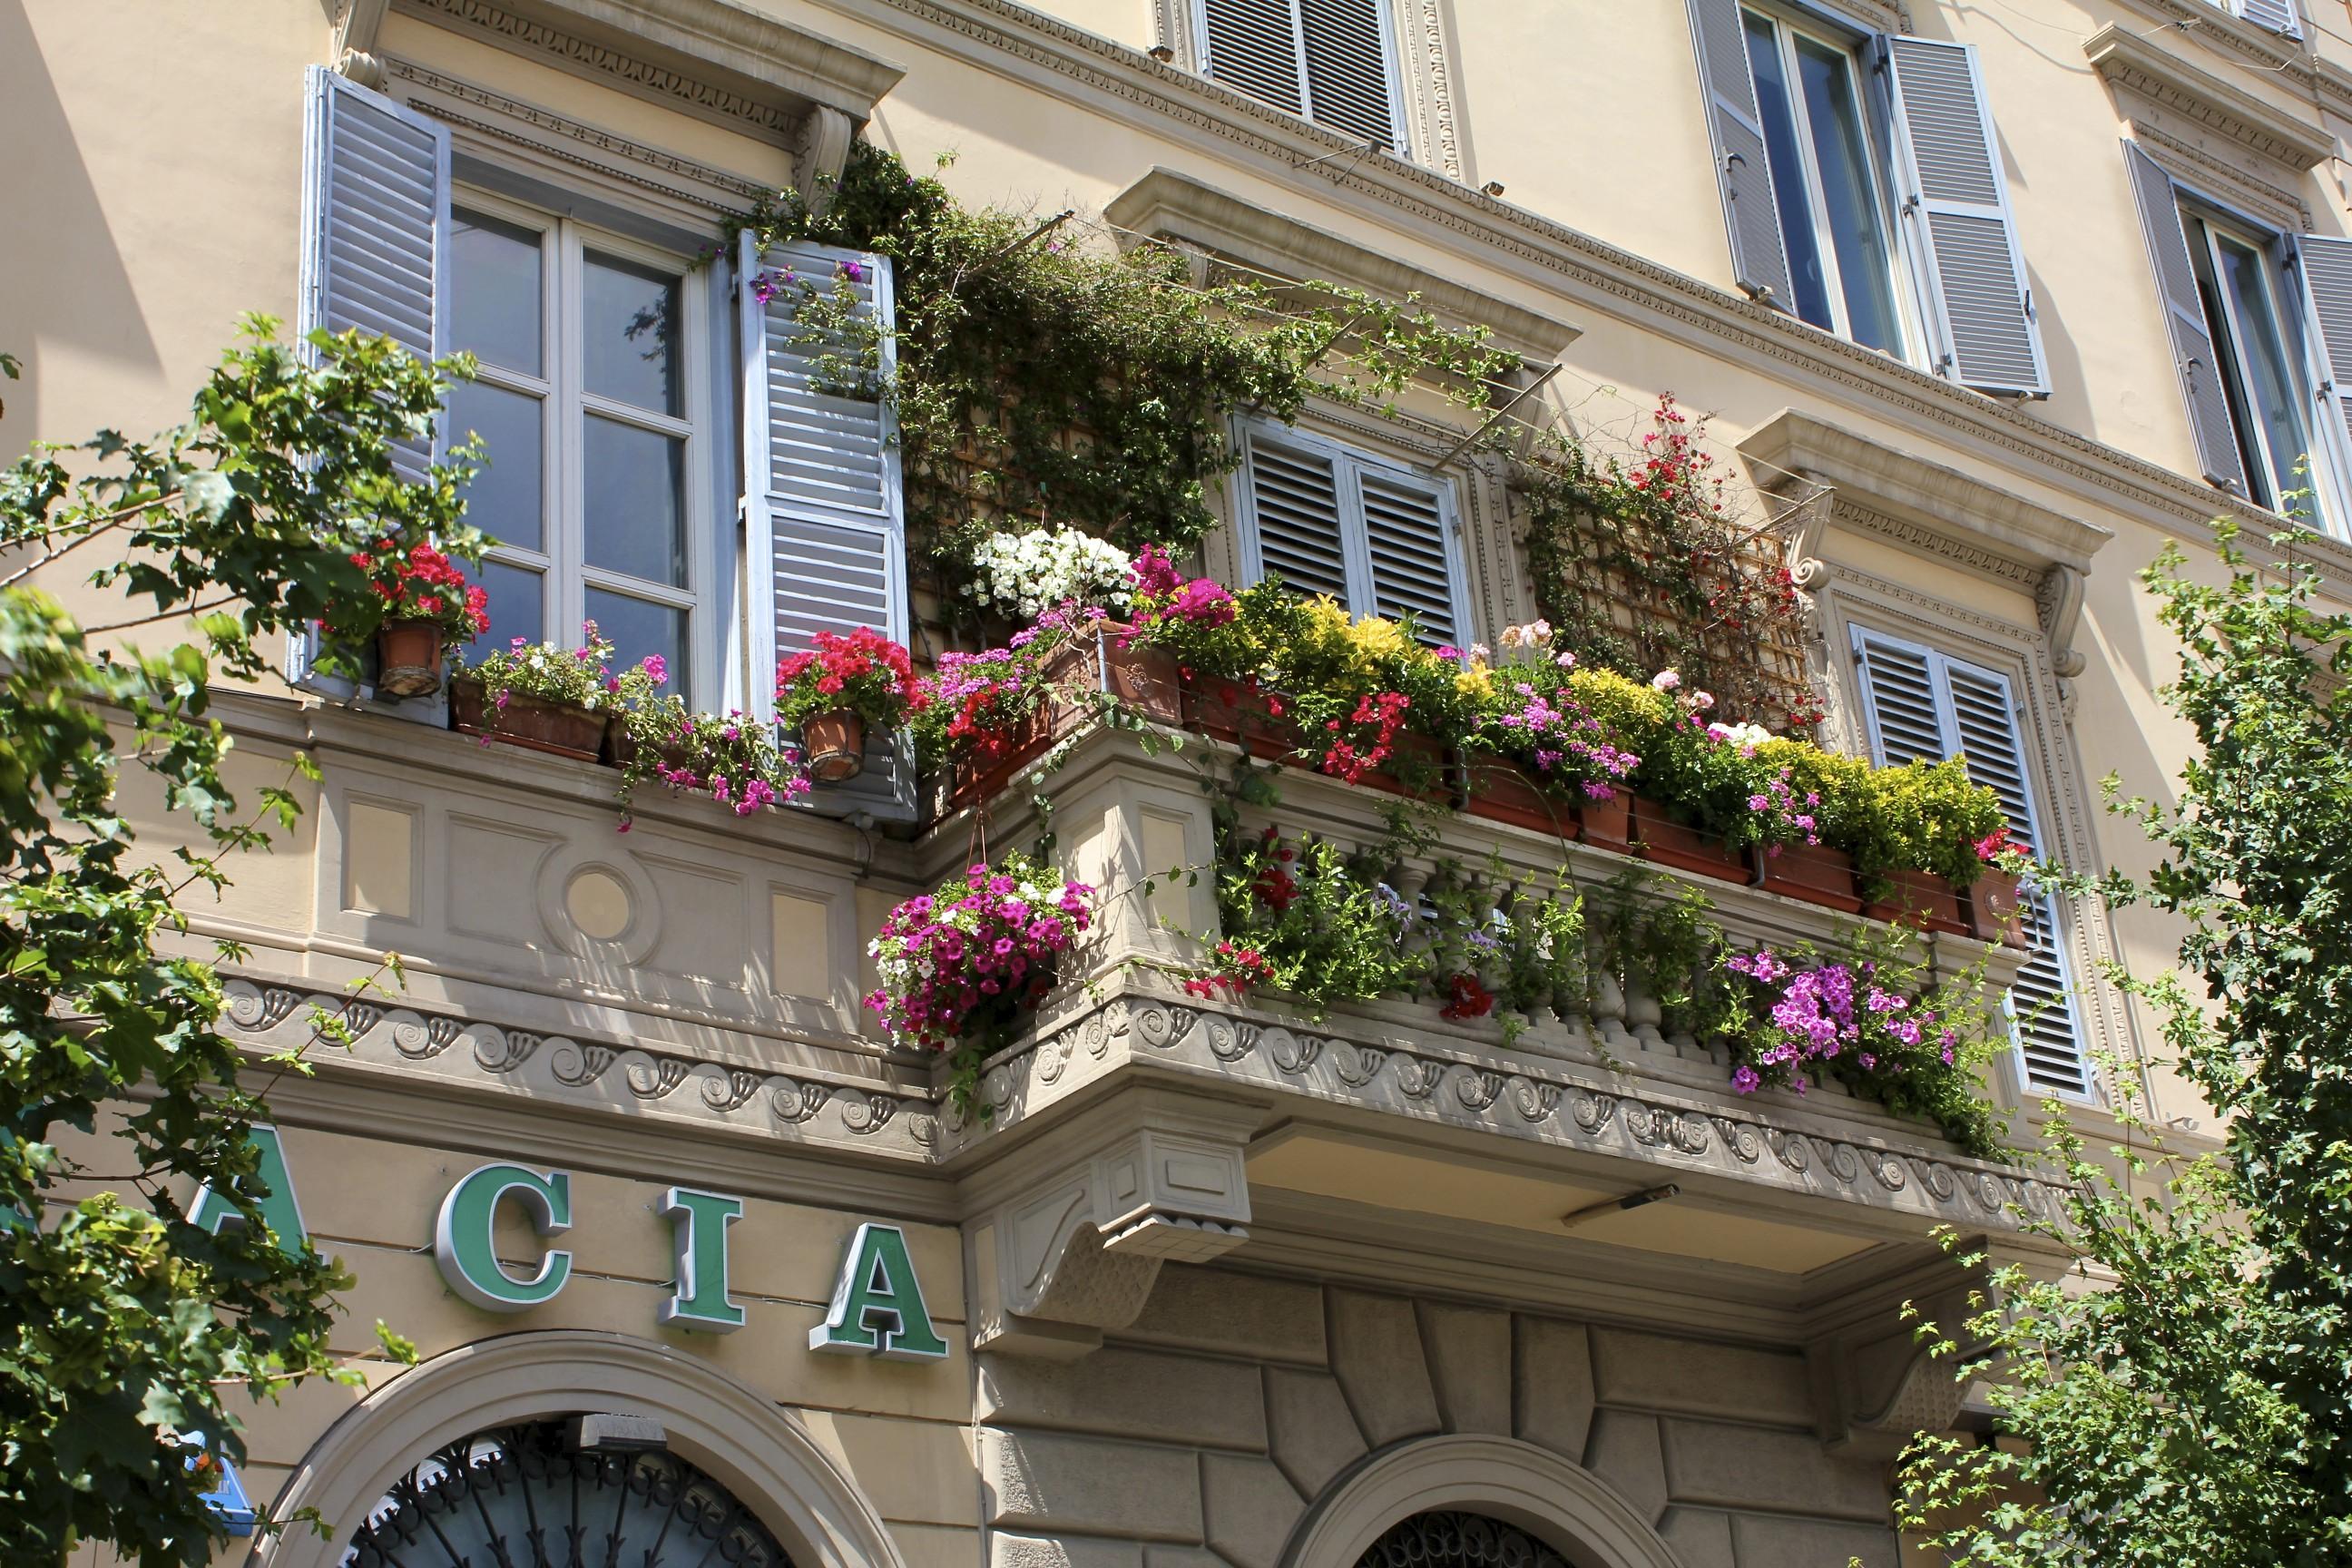 Украсить балкон цветами - лучшее решение лета. обсуждение на.